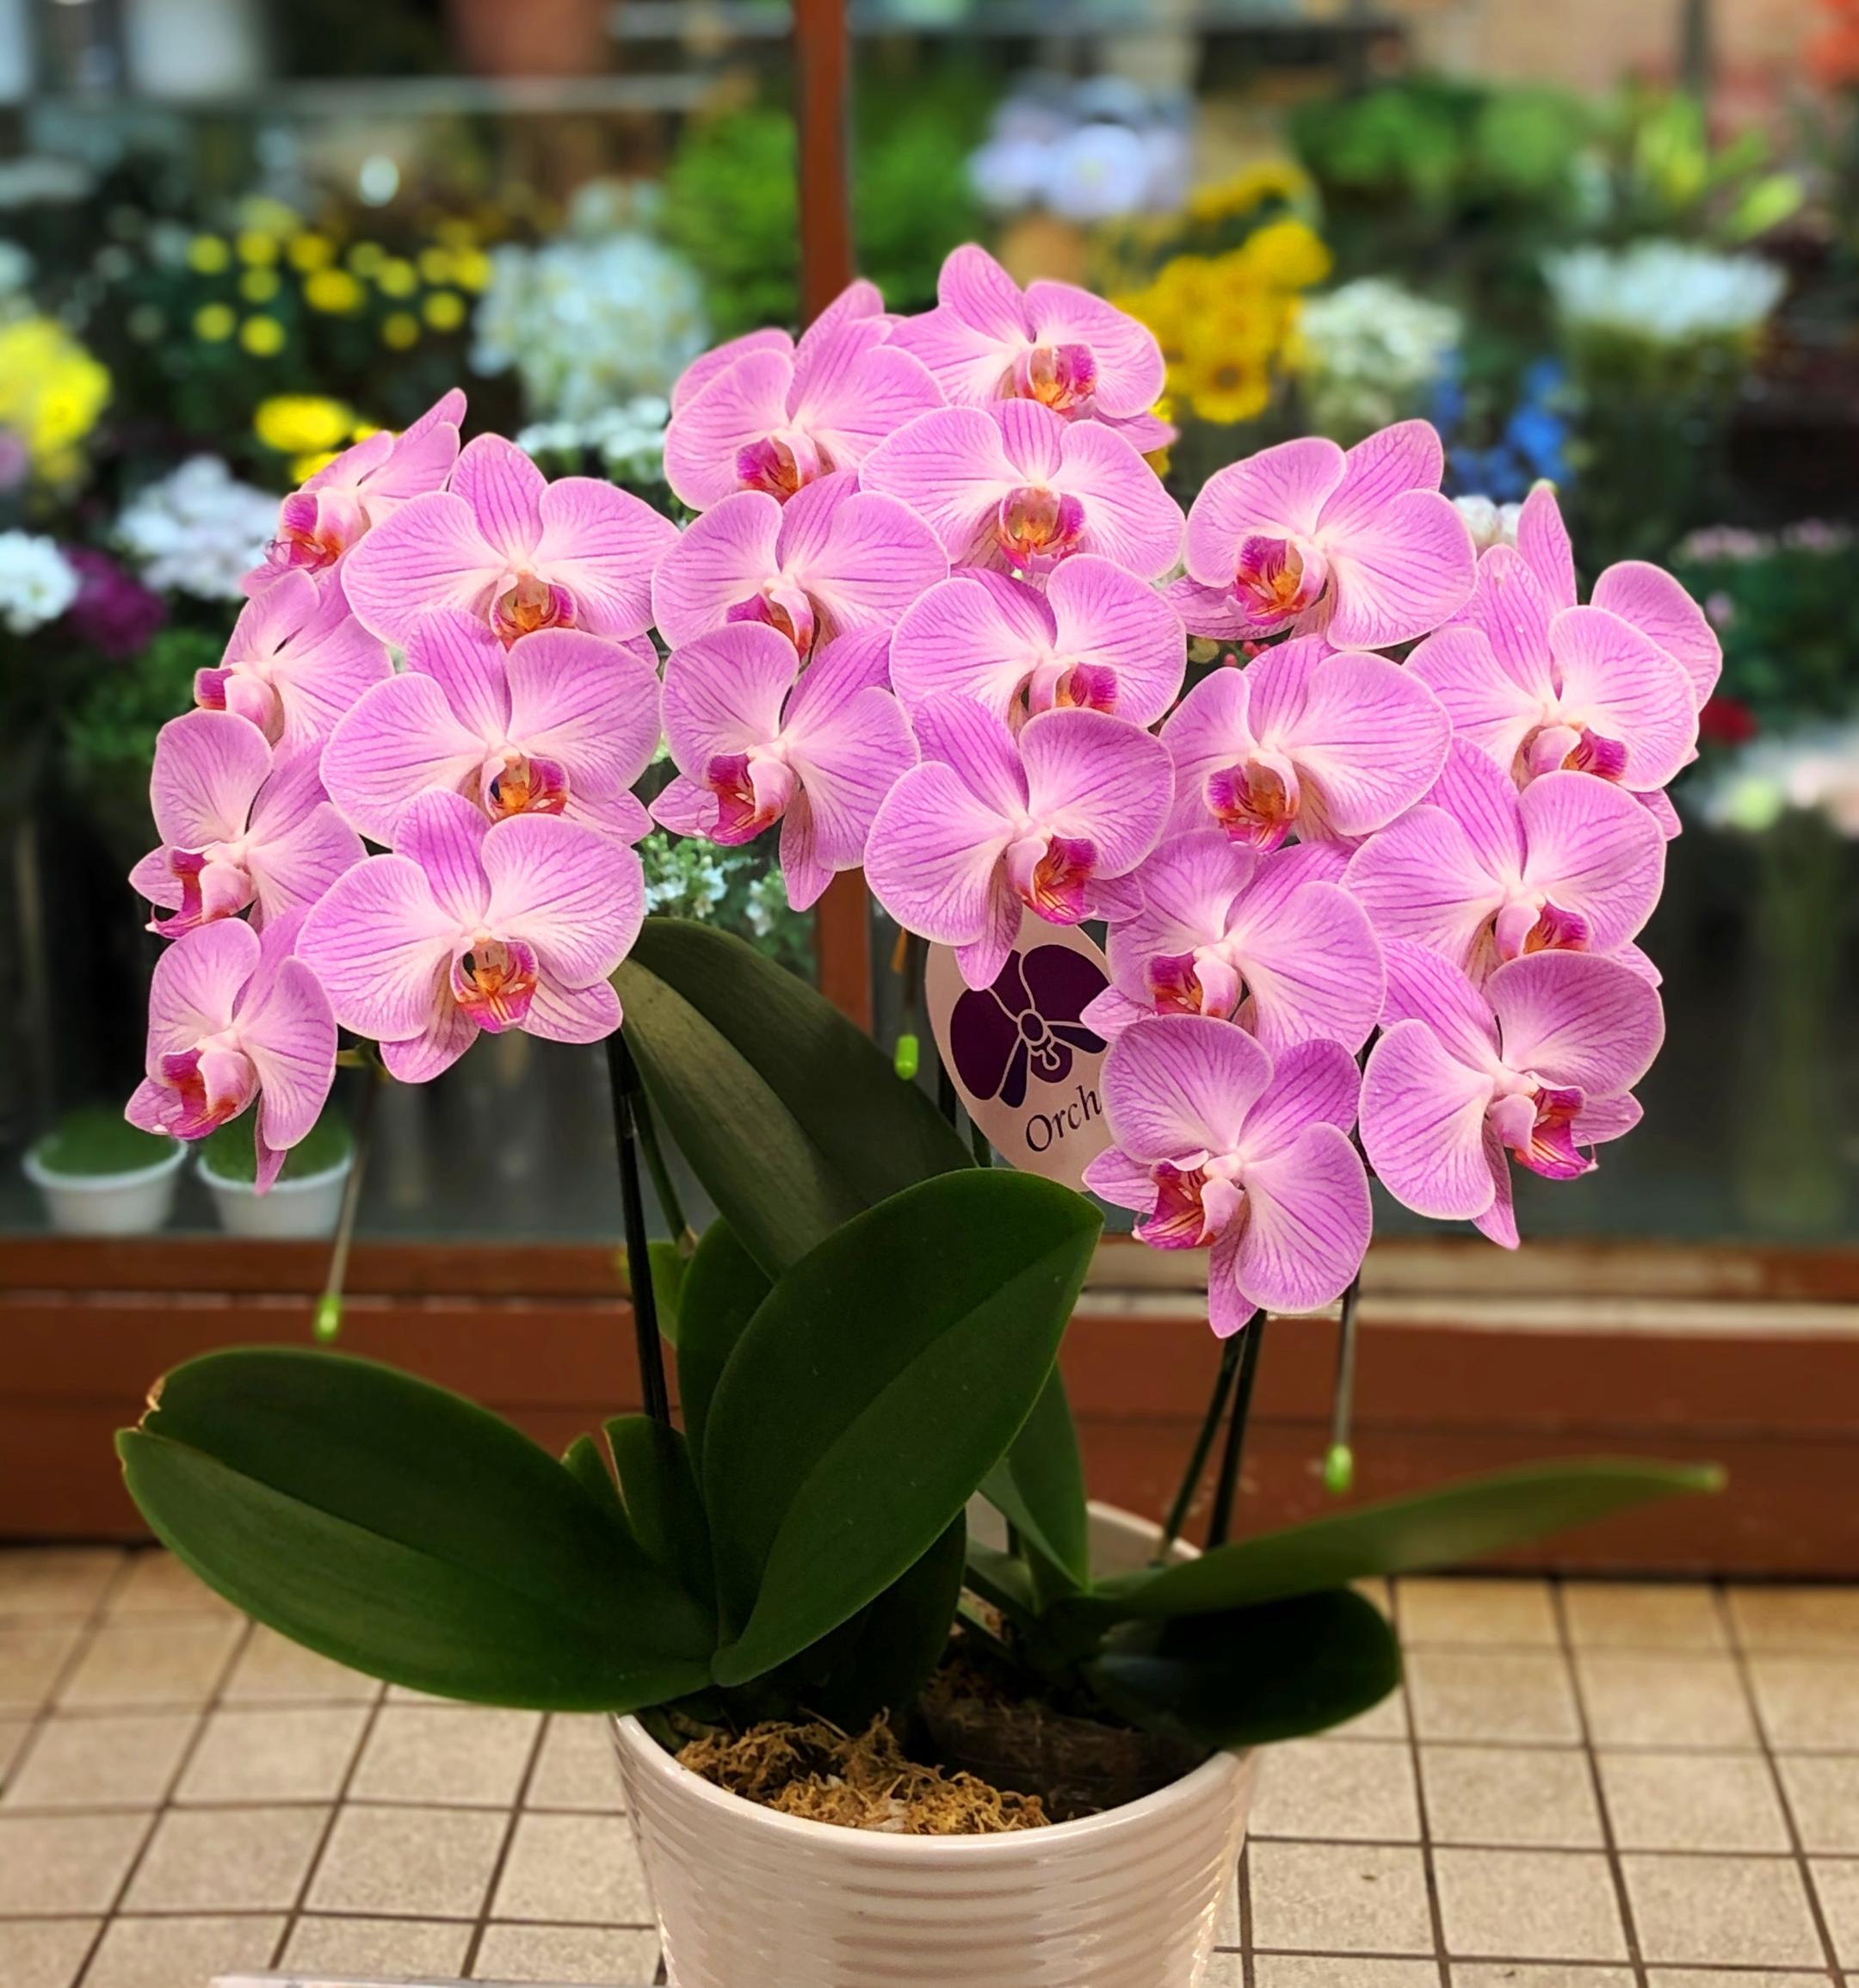 横浜市関内へ胡蝶蘭を即日当日配達させていただきました。【横浜花屋の花束・スタンド花・胡蝶蘭・バルーン・アレンジメント配達事例684】